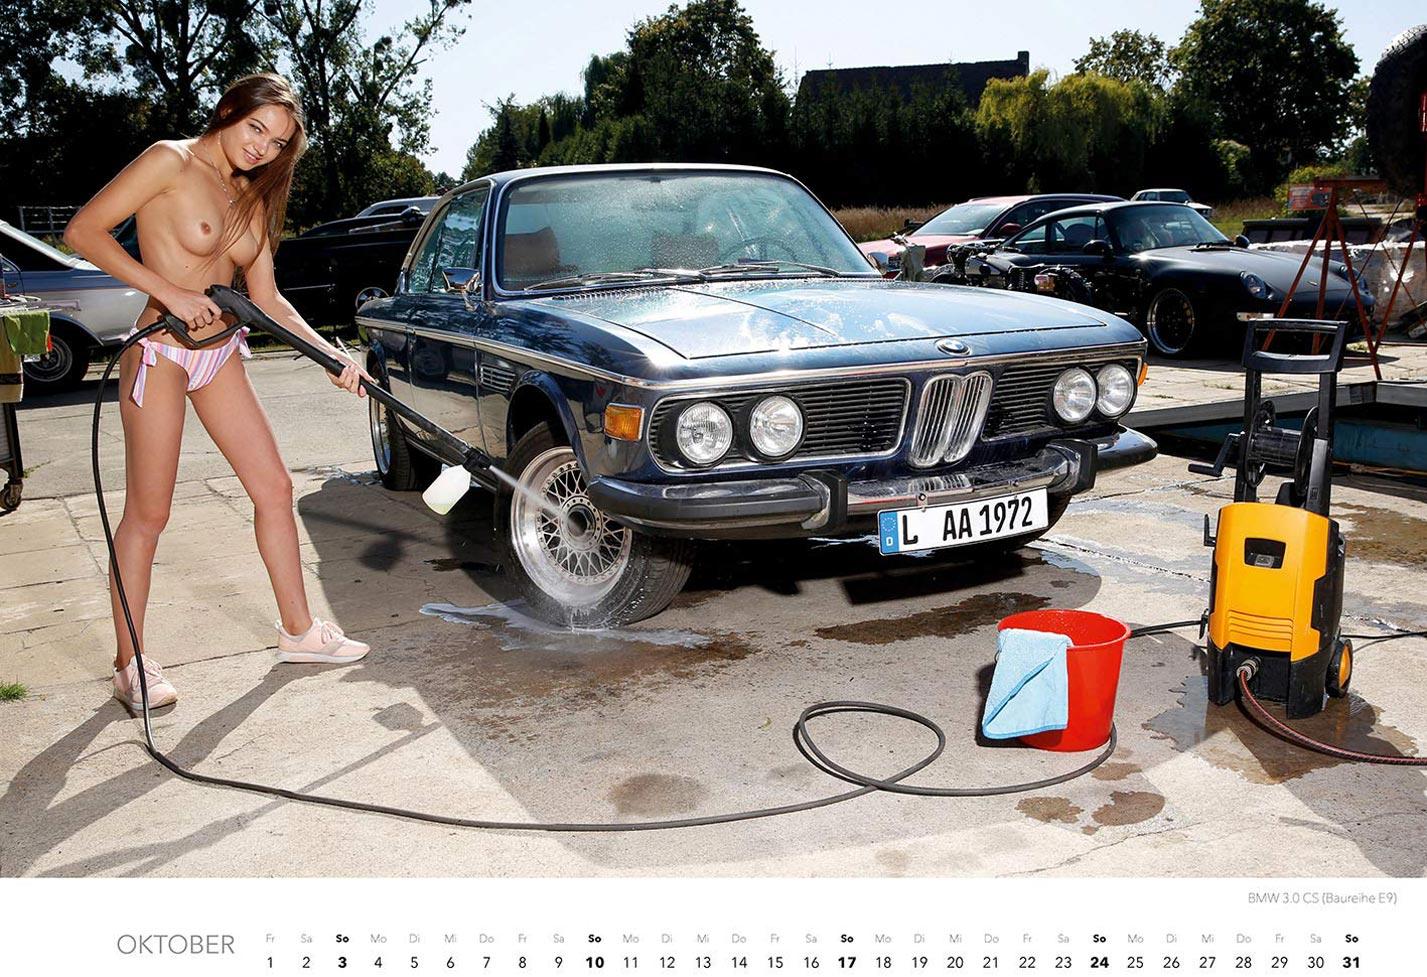 Эротический календарь с сексуальными полуголыми девушками, моющими машины / октябрь